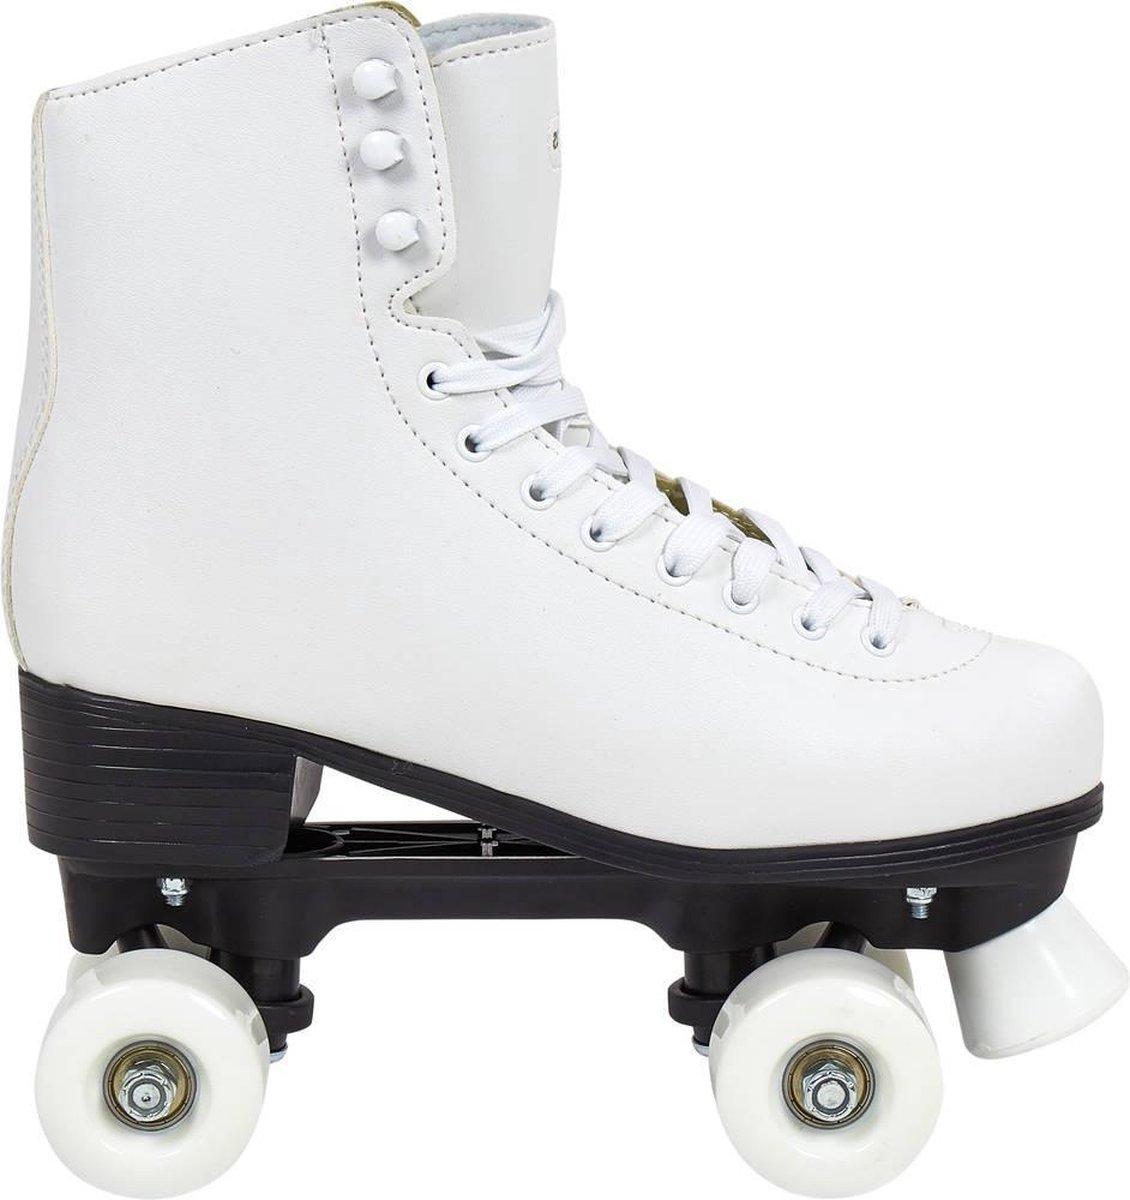 Roces Rc1 Rolschaatsen Dames Wit Maat 42